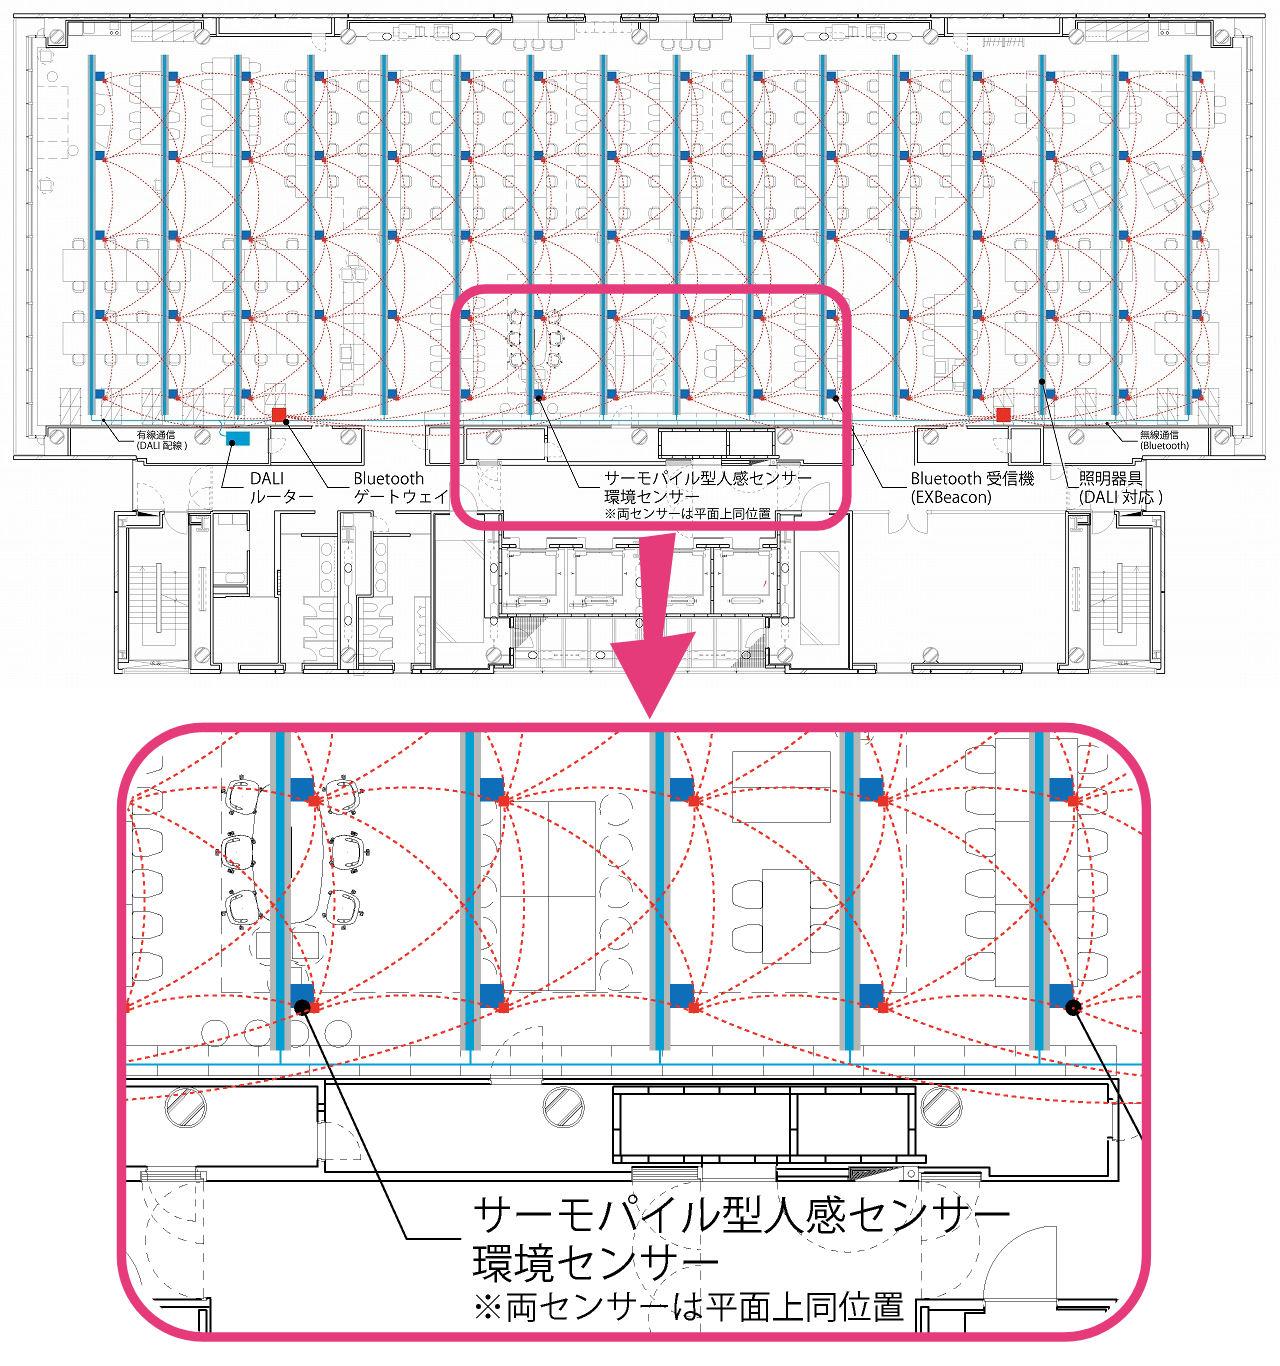 東京都内で行われている実証実験のイメージ。多用途センサーが密に設置されていることがわかる